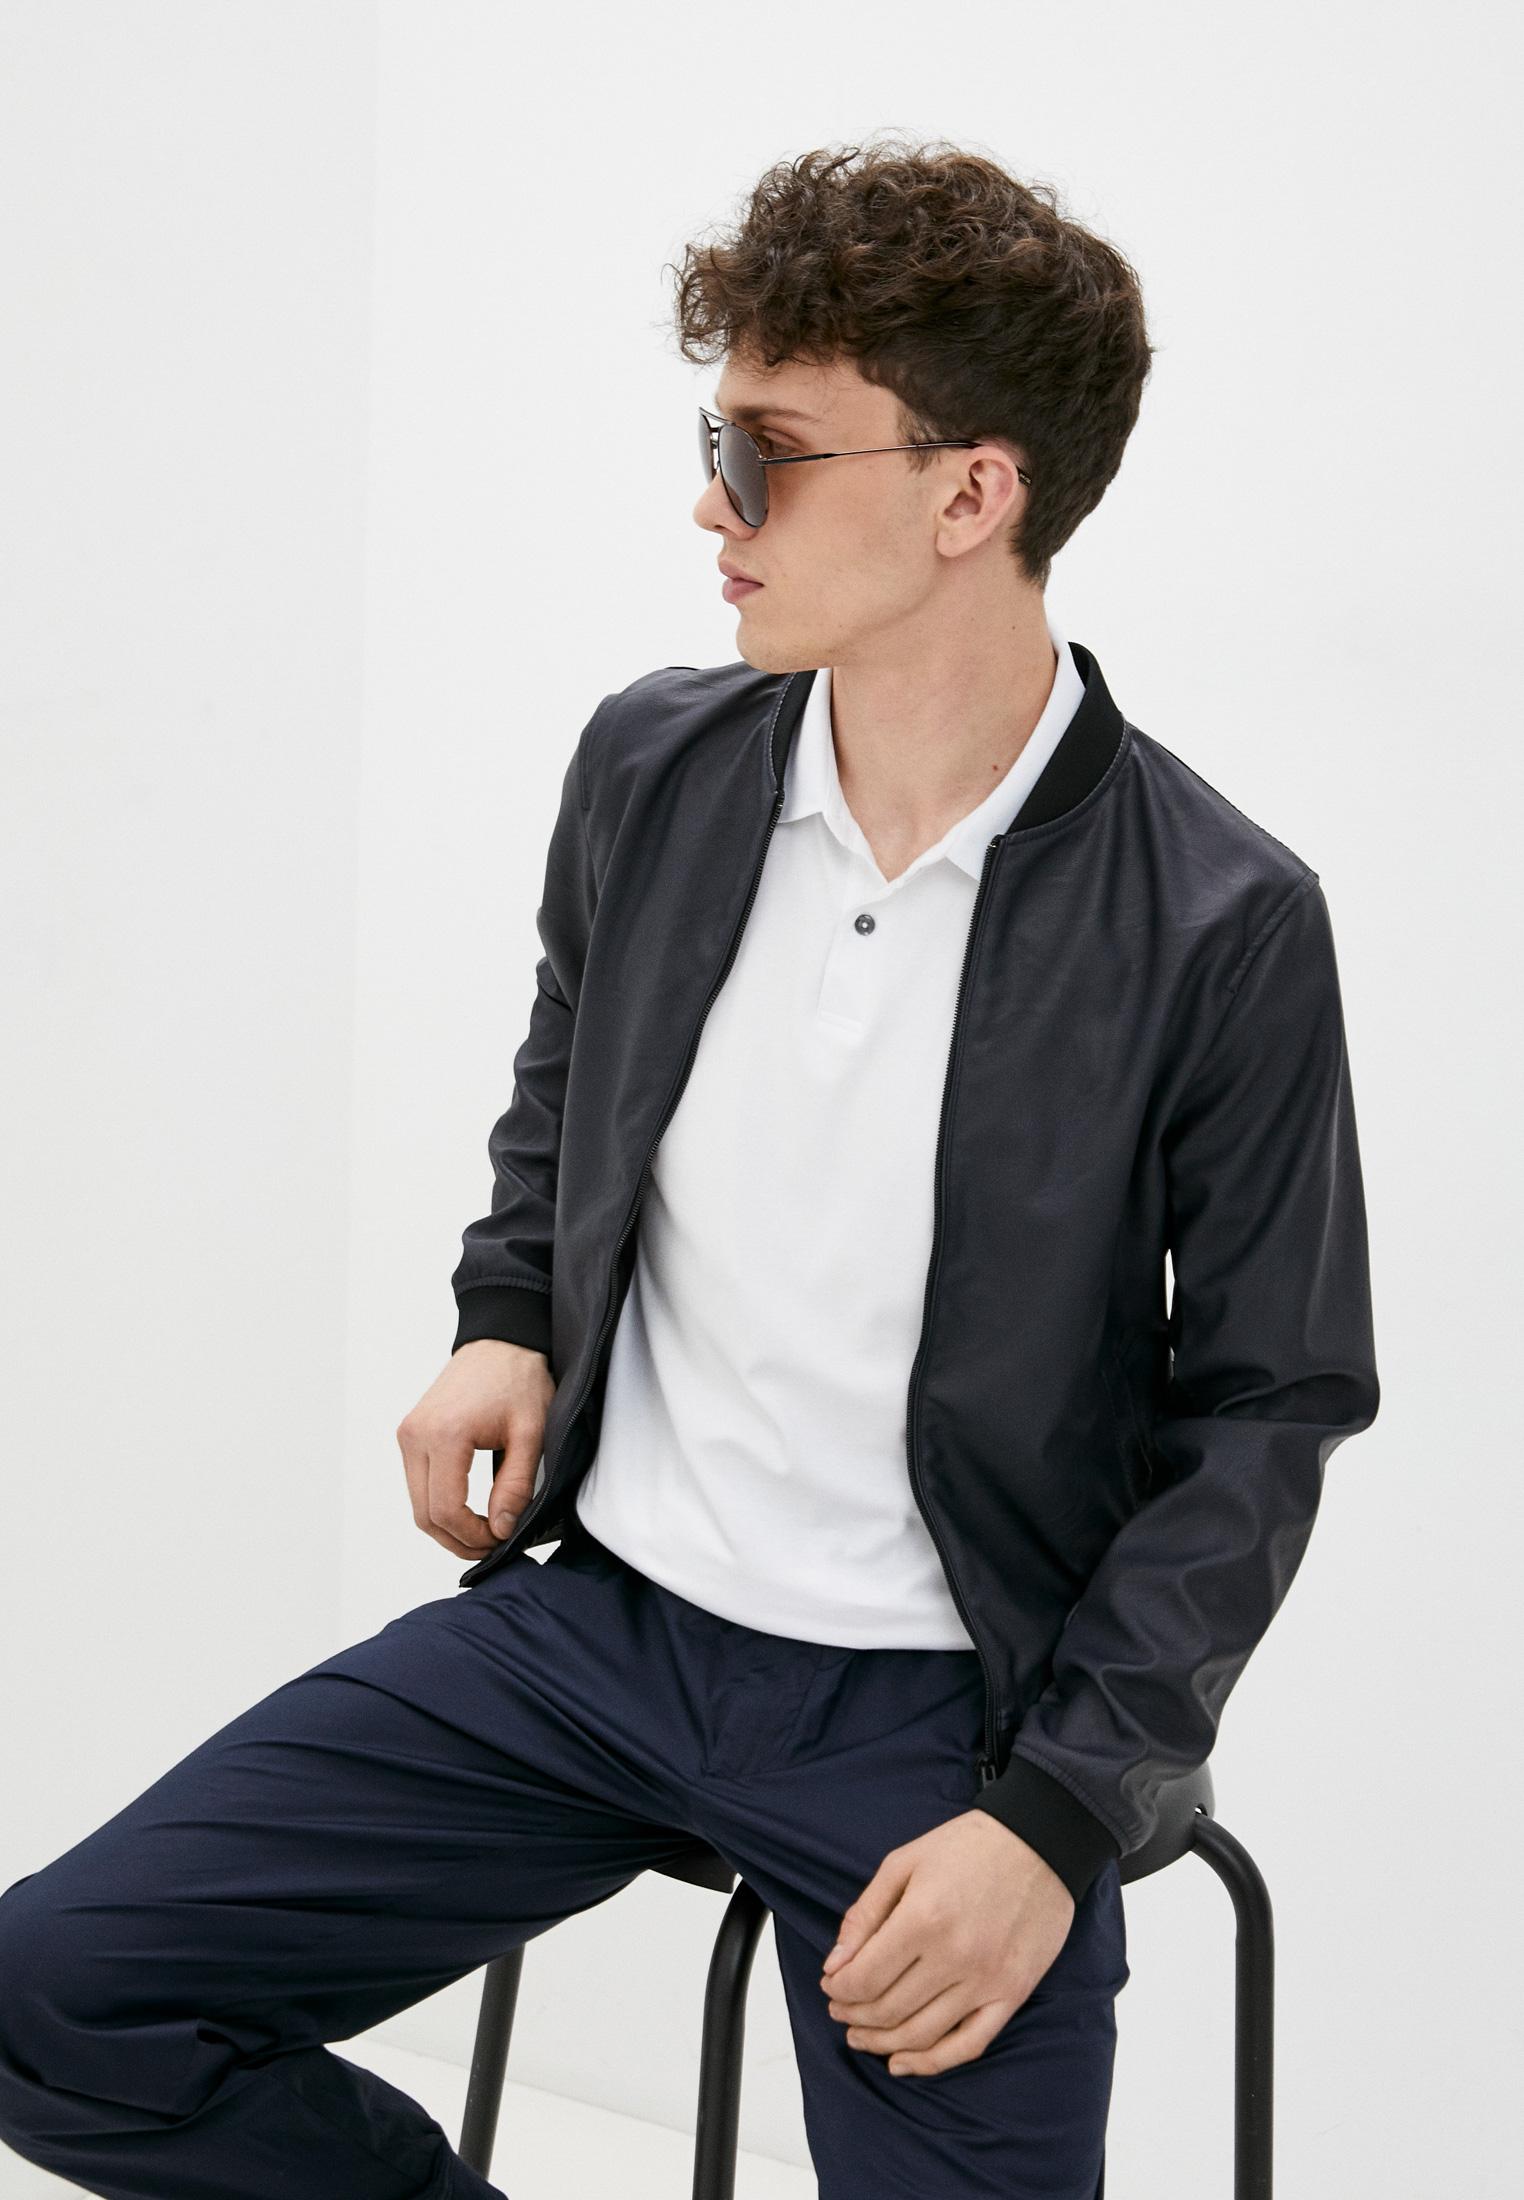 Кожаная куртка Armani Jeans (Армани Джинс) Куртка кожаная Armani Jeans